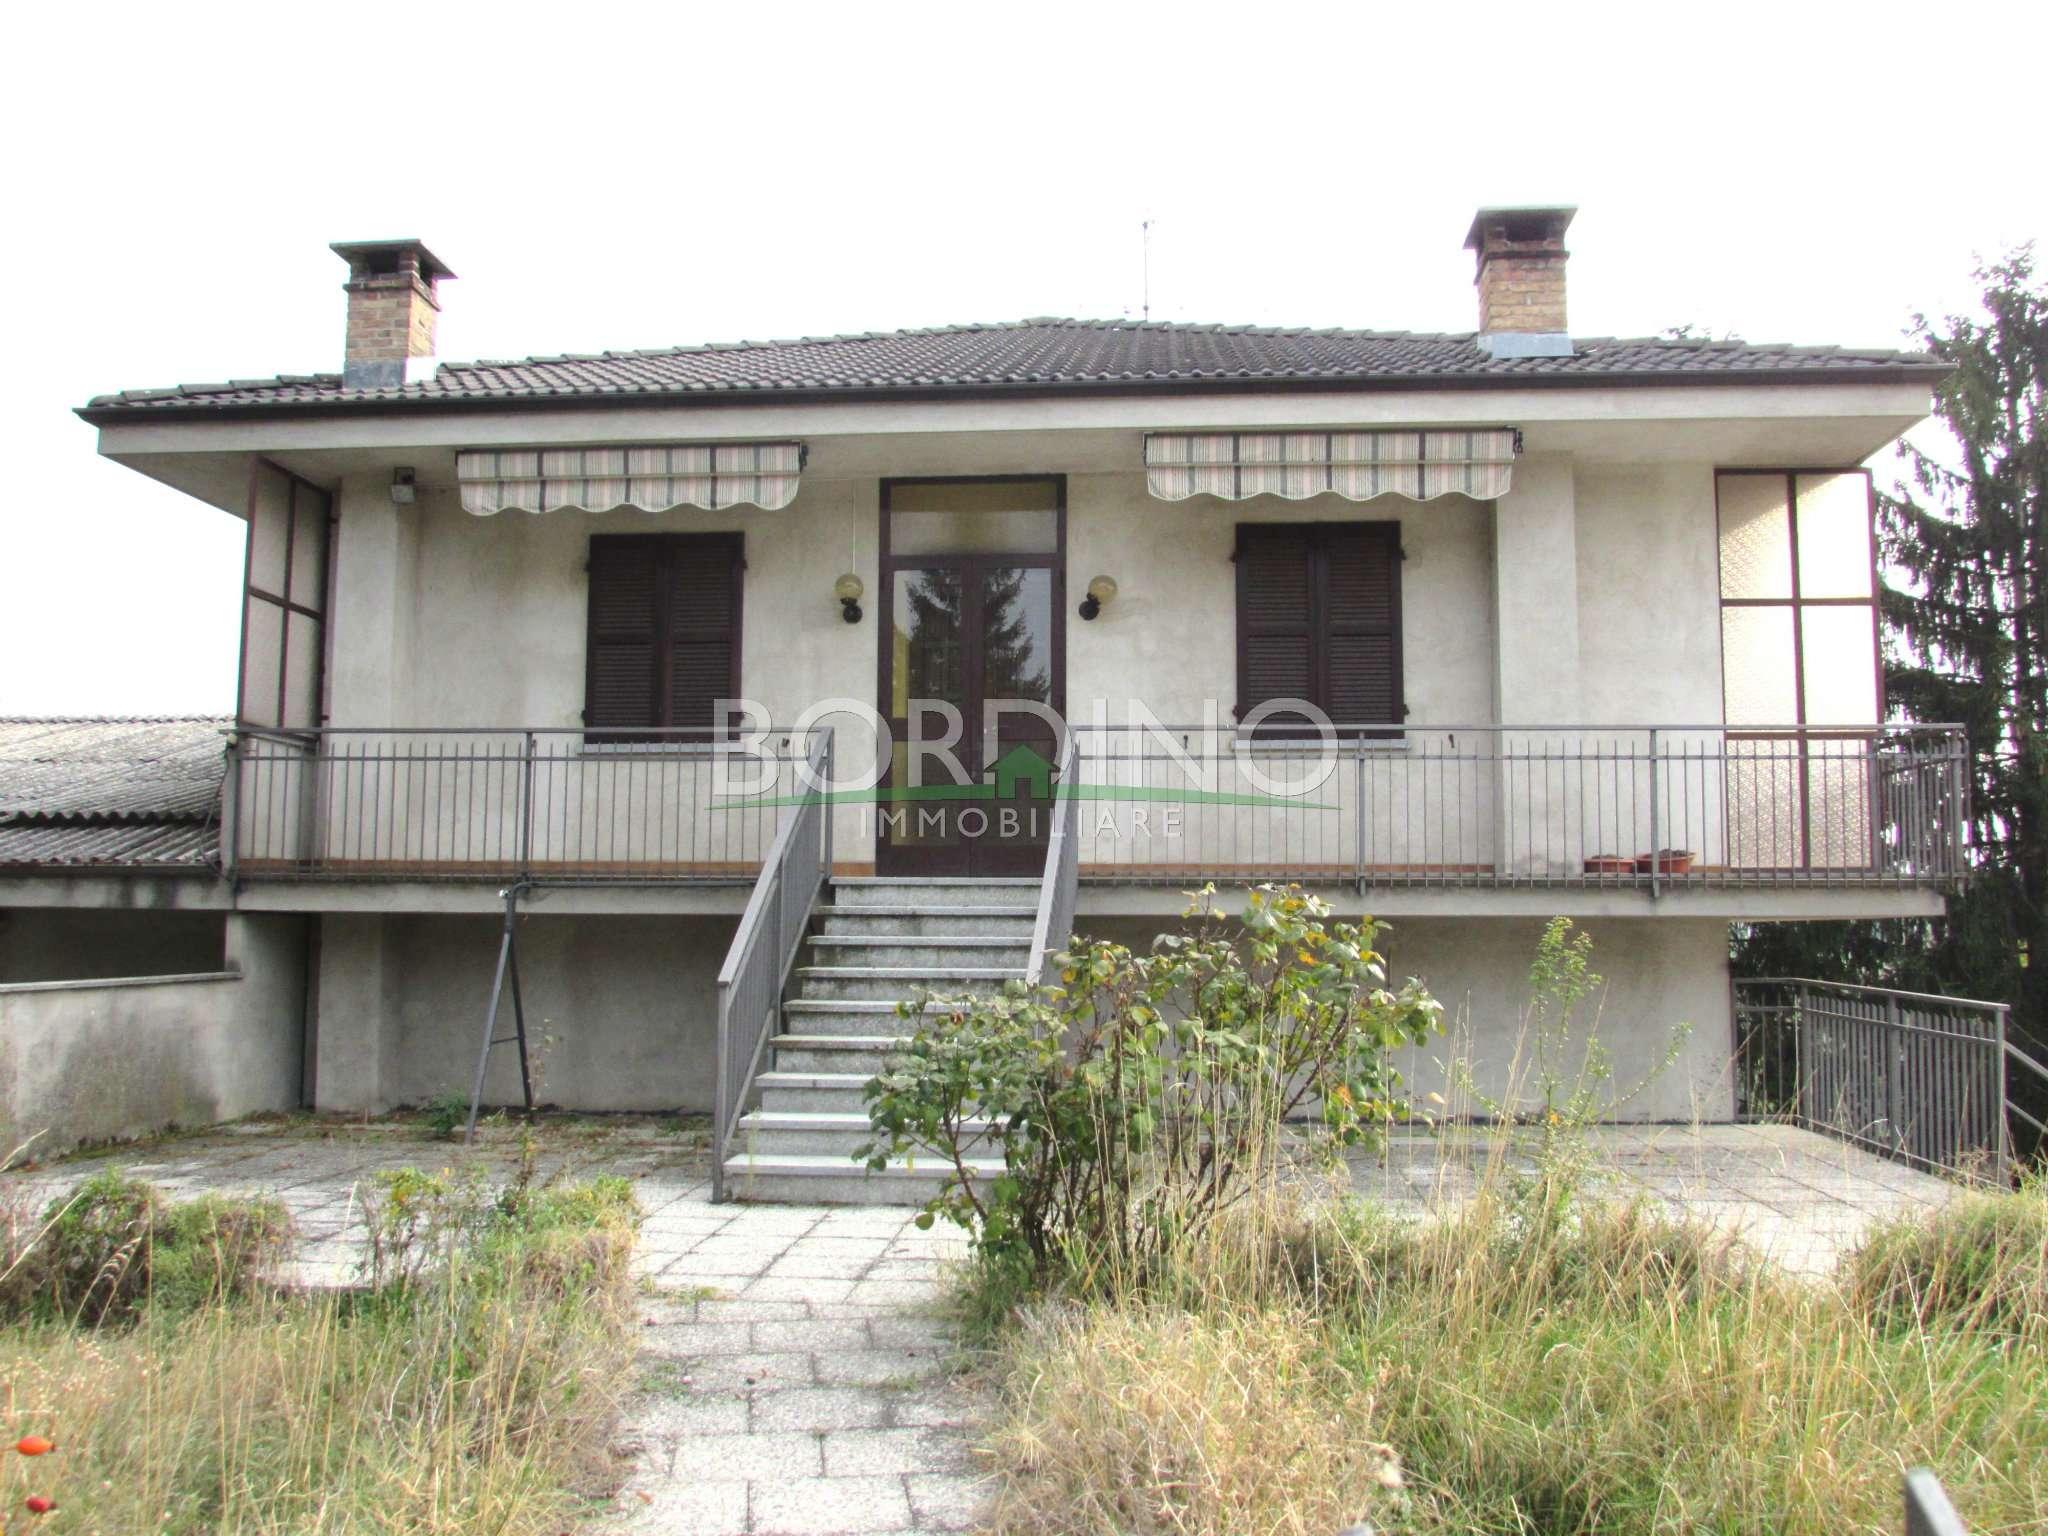 Soluzione Indipendente in vendita a Costigliole d'Asti, 4 locali, prezzo € 170.000 | CambioCasa.it